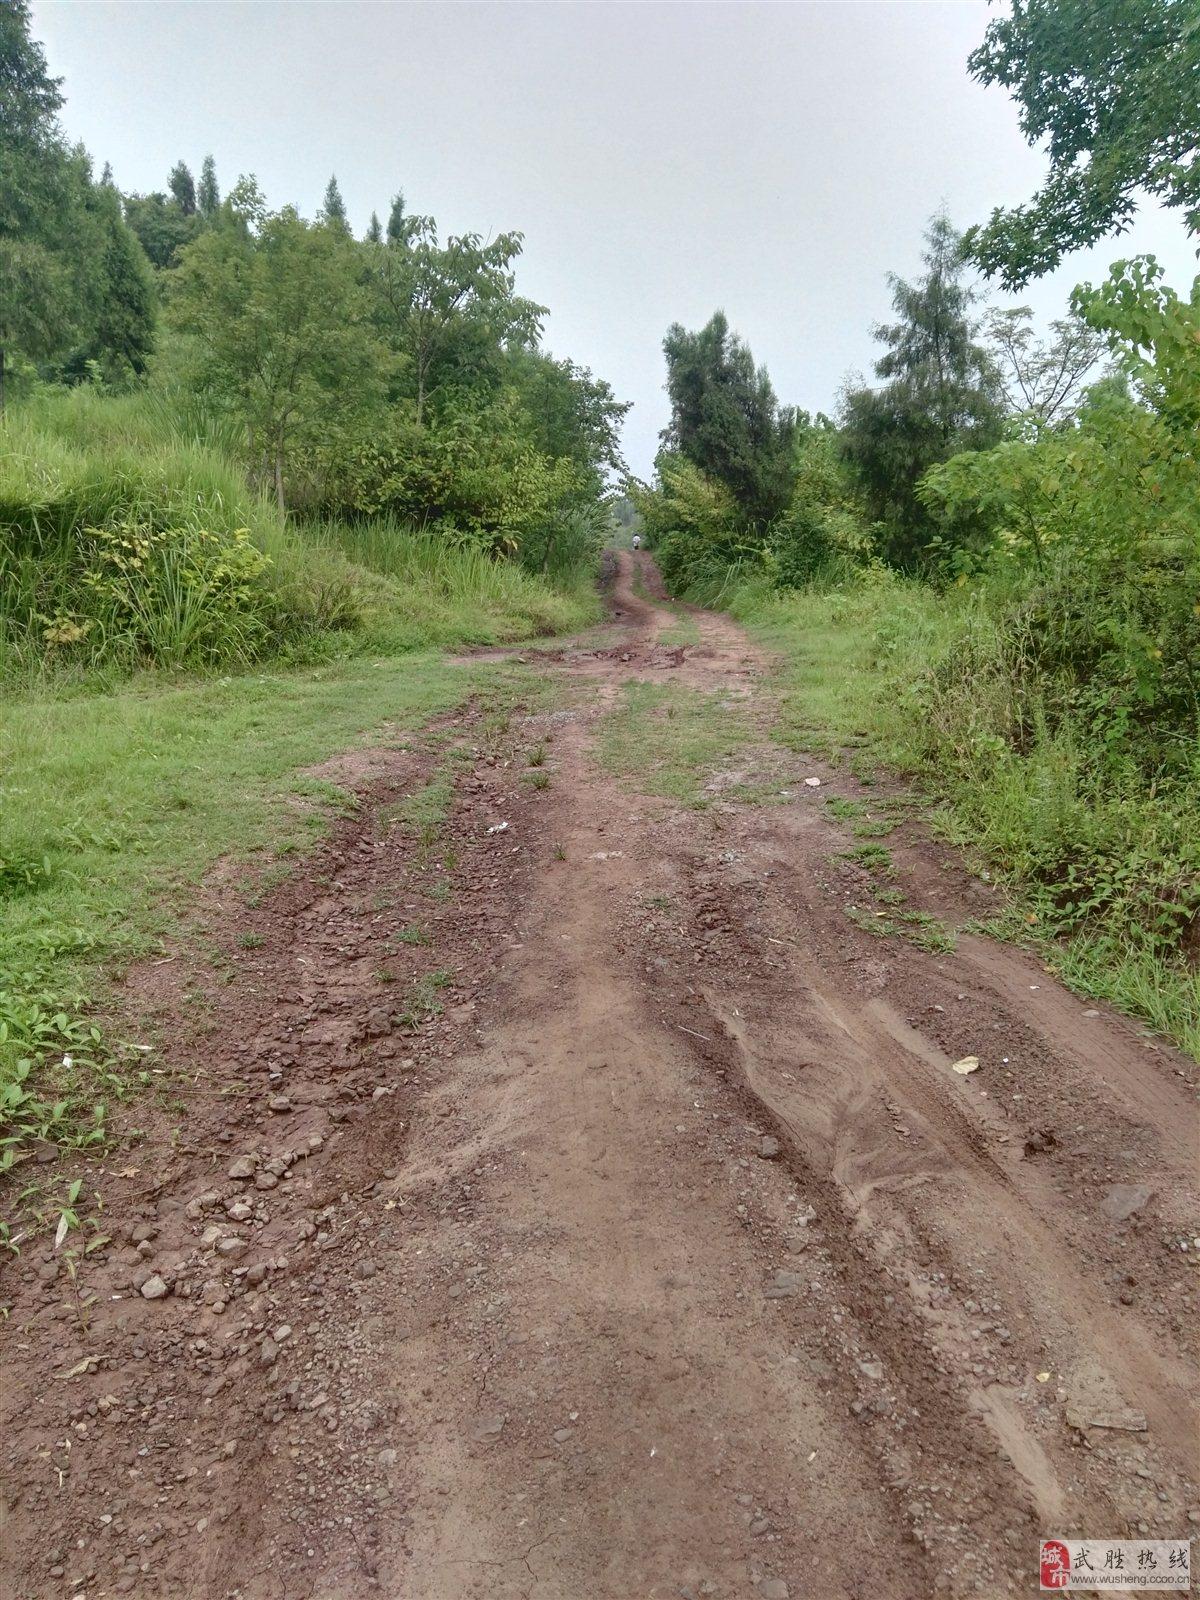 关于乡村公路的建设